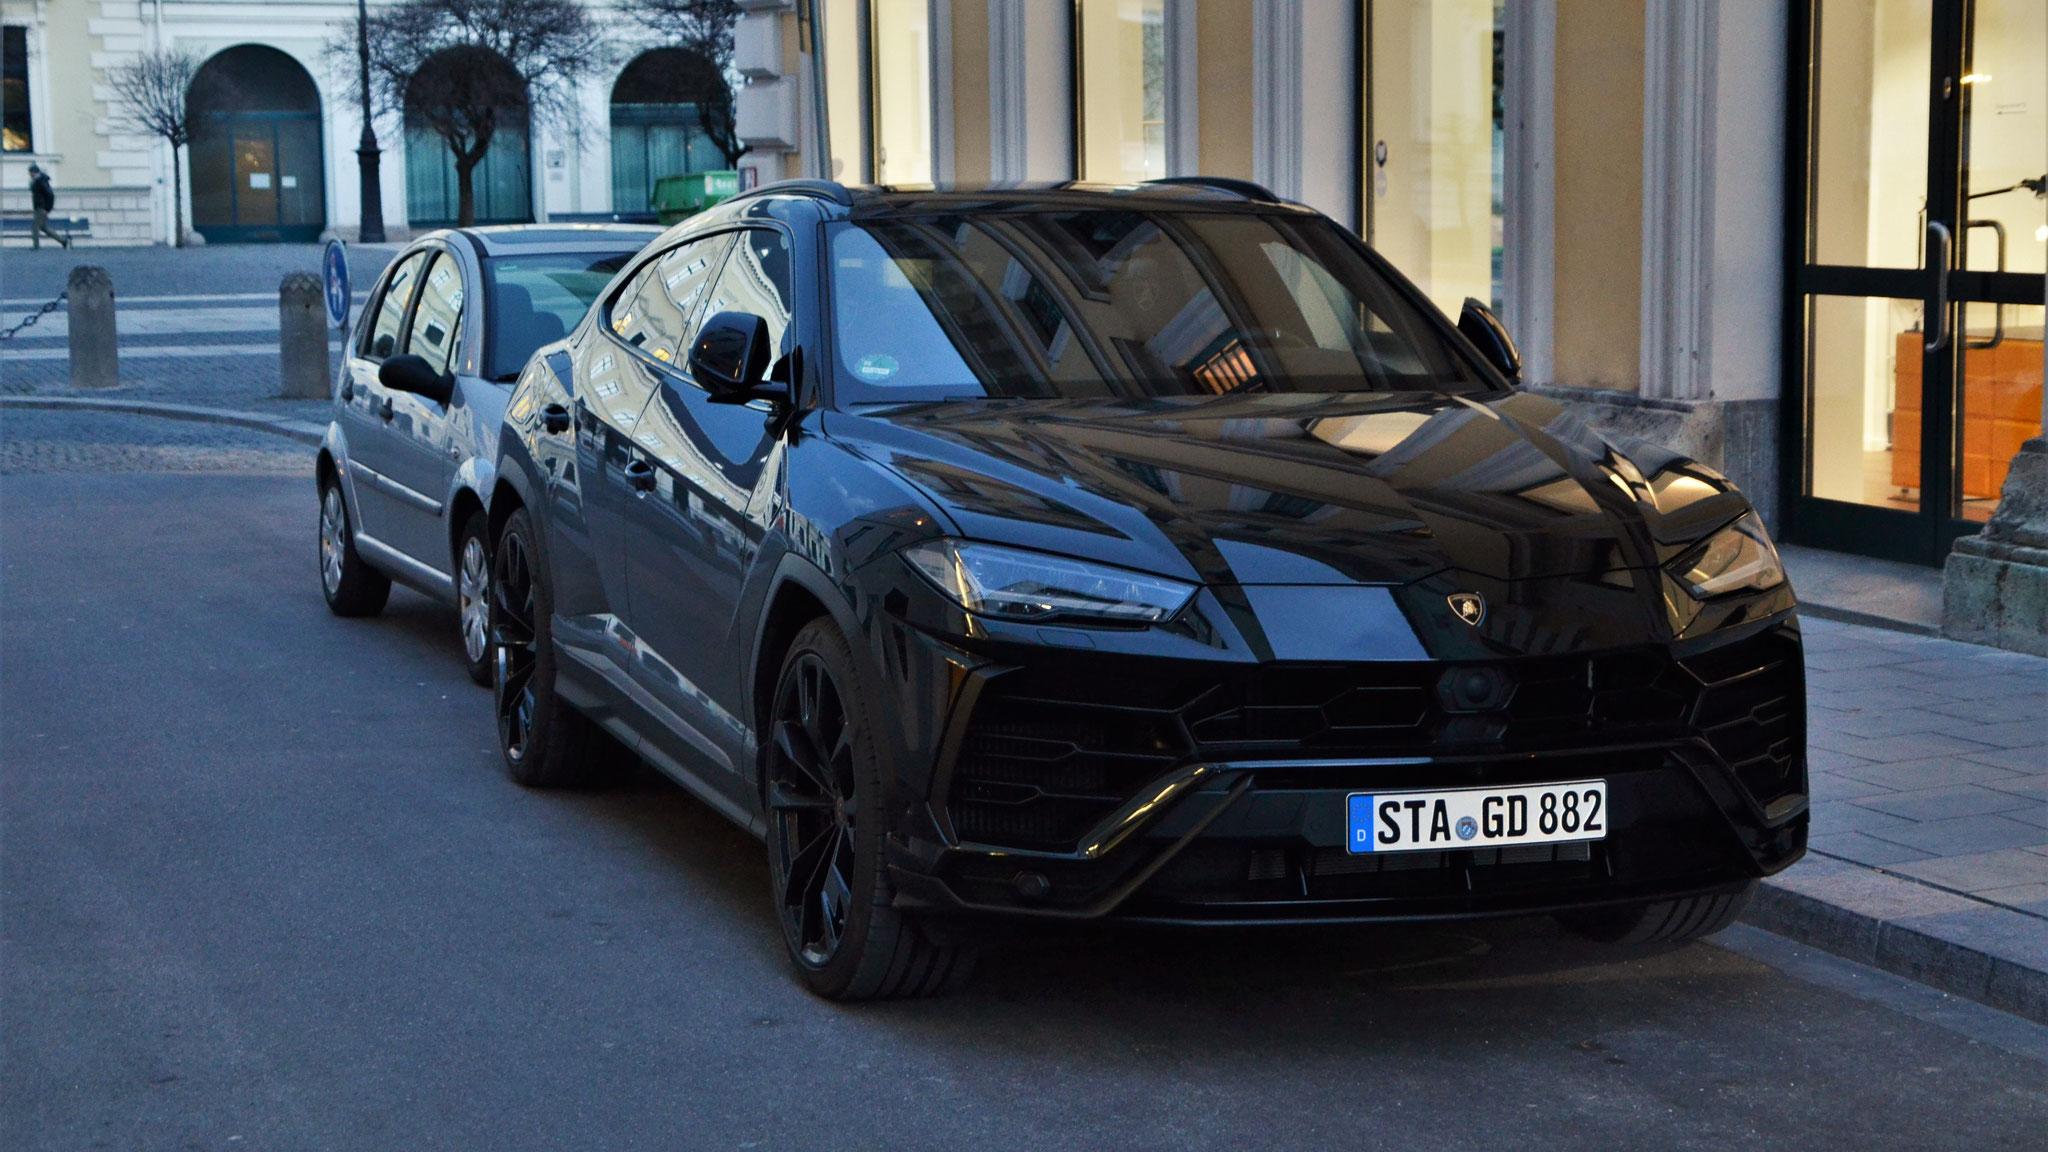 Lamborghini Urus - STA-GD-882